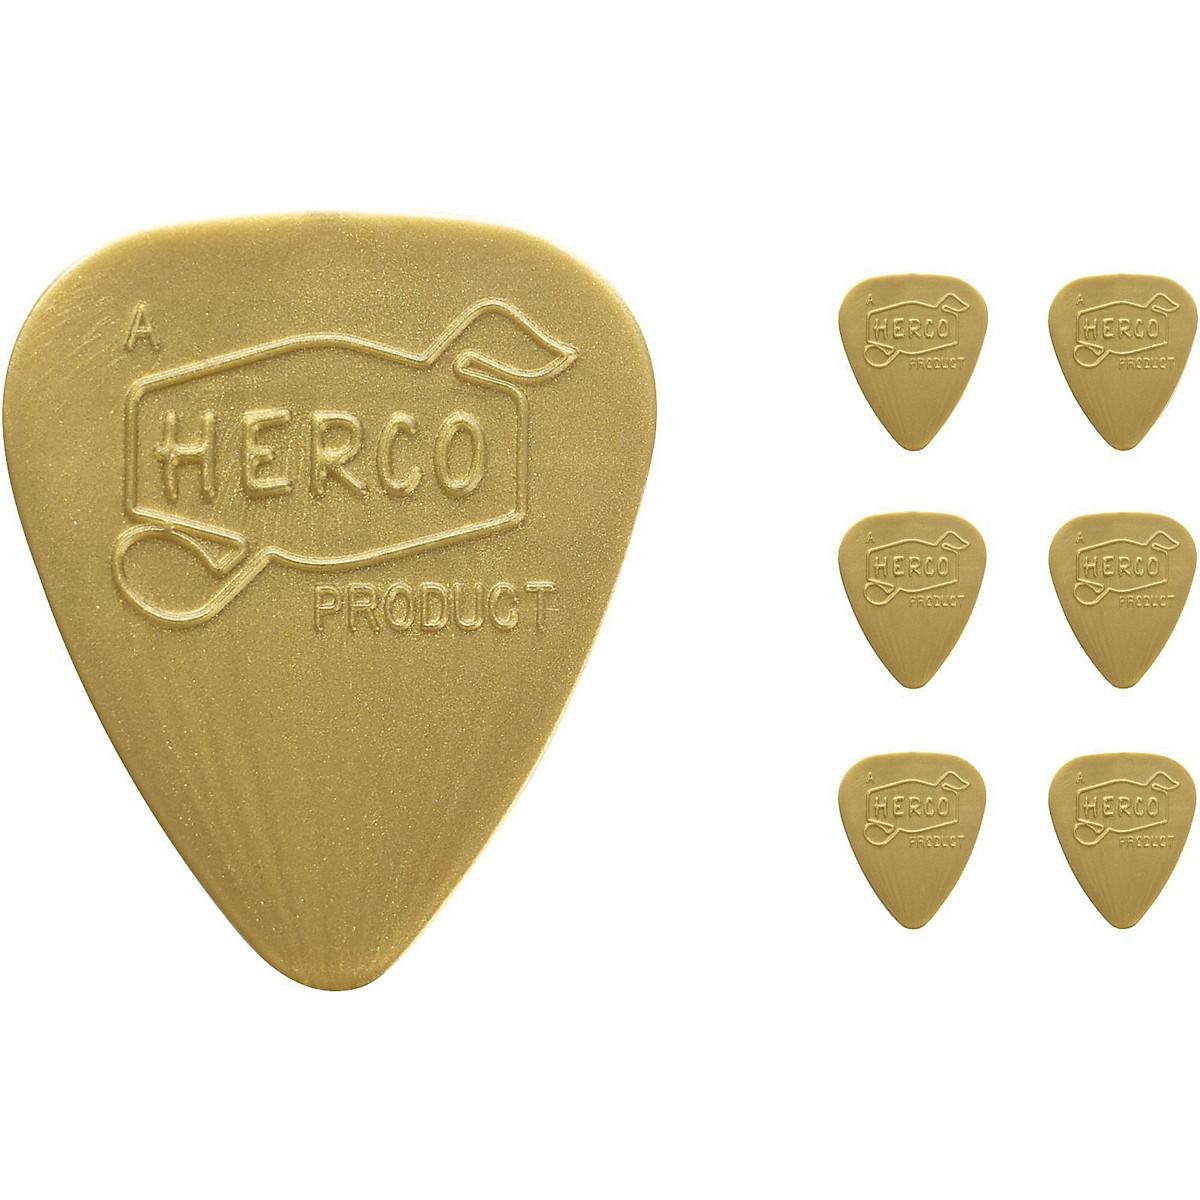 Dunlop Herco Vintage 66' Light Picks Gold (6-Pack)